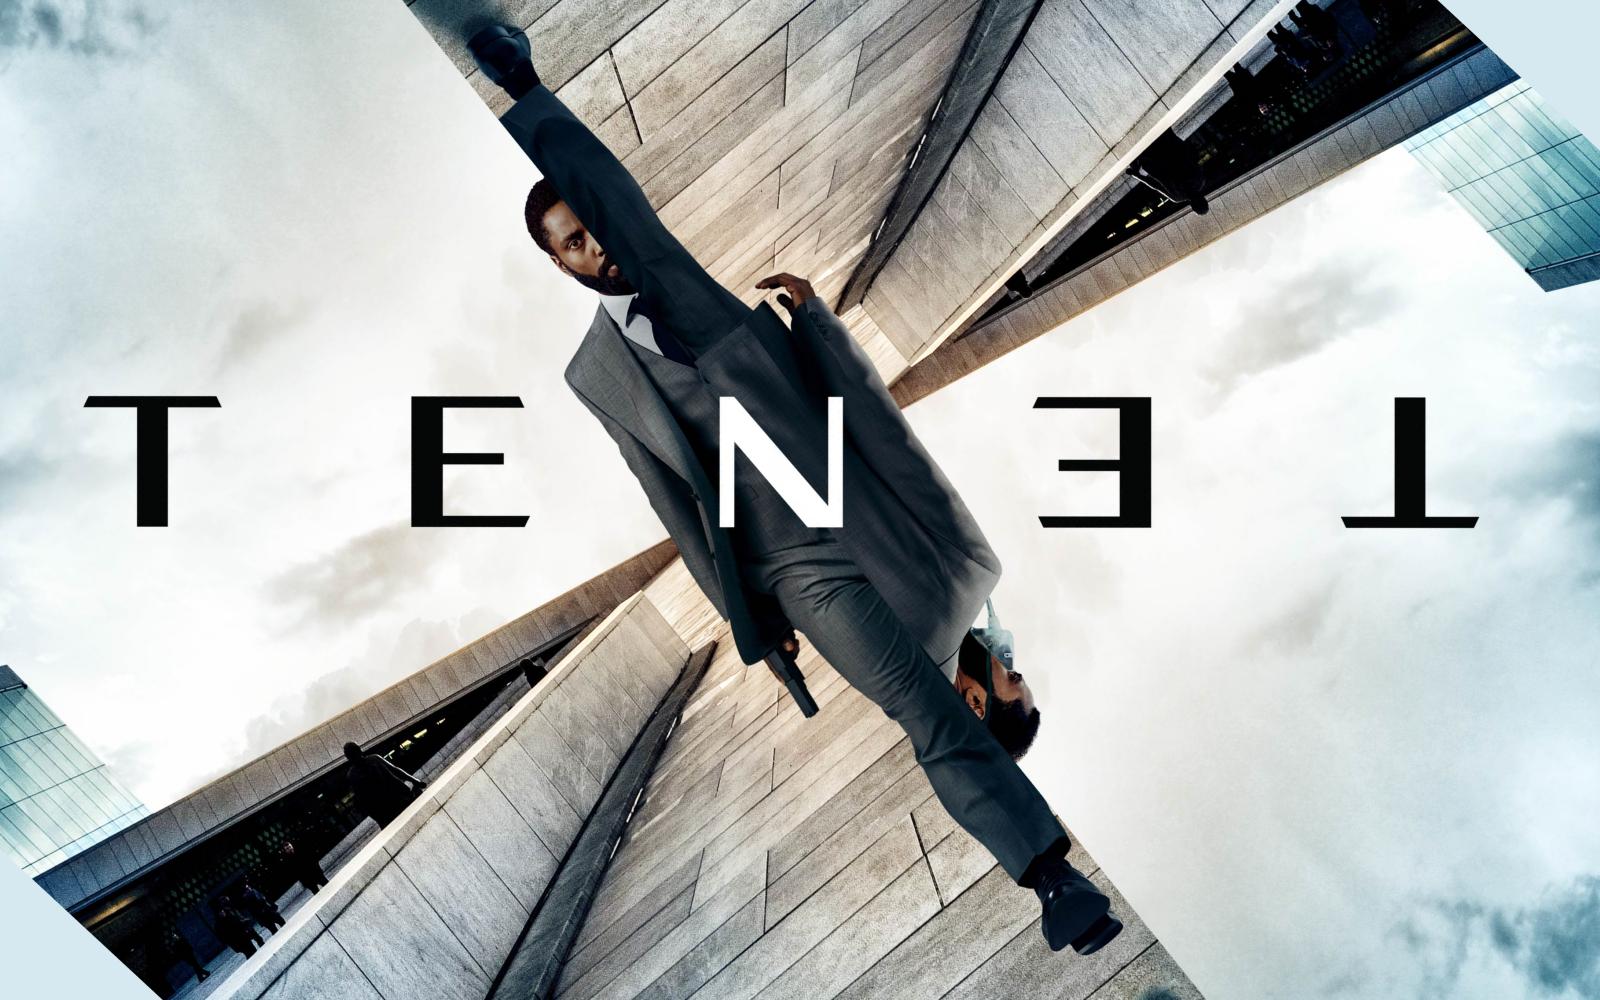 Christopher Nolan's Tenet Gets A New Trailer